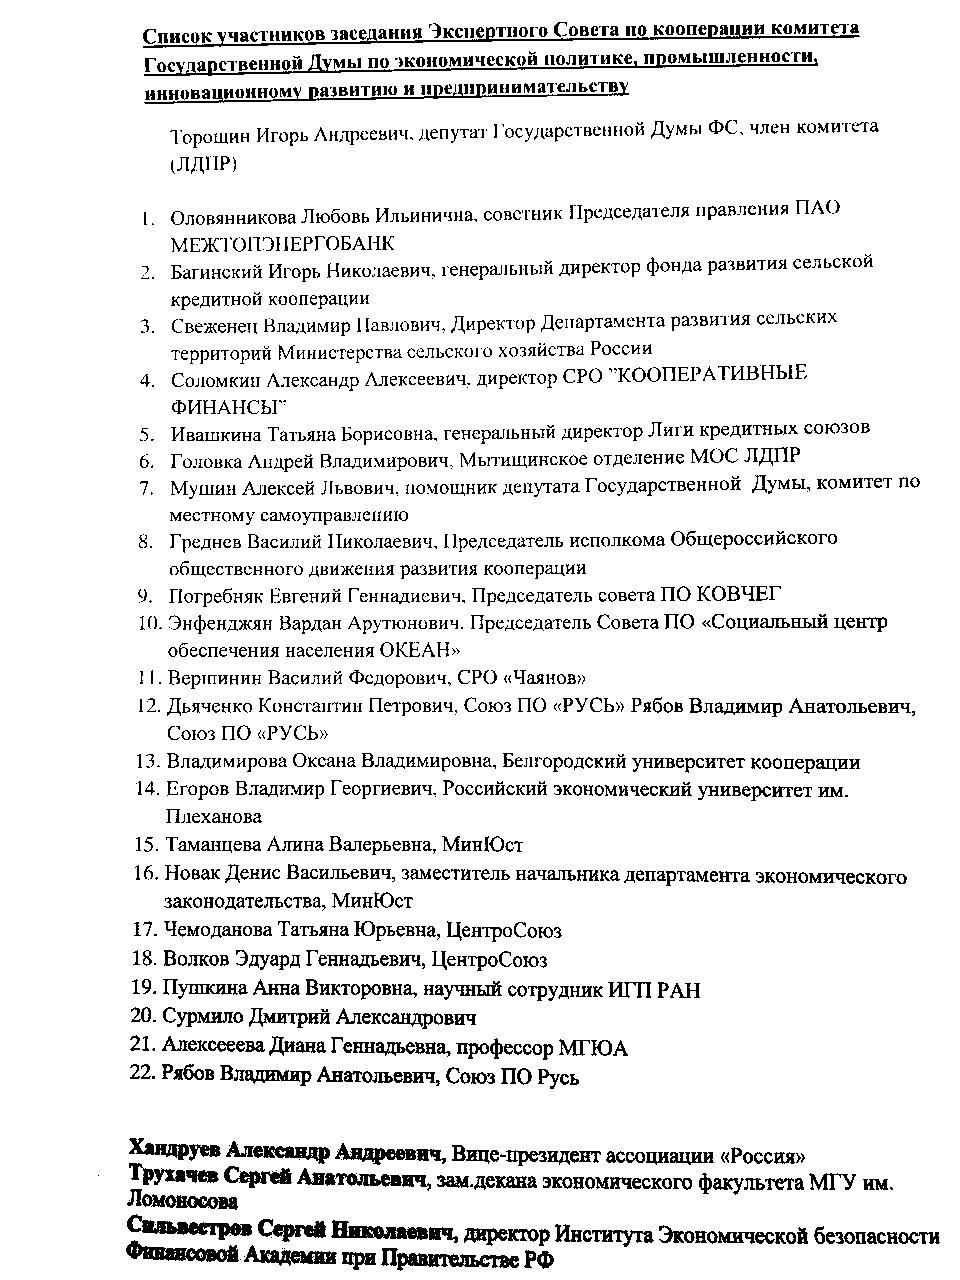 Список присутствовавших